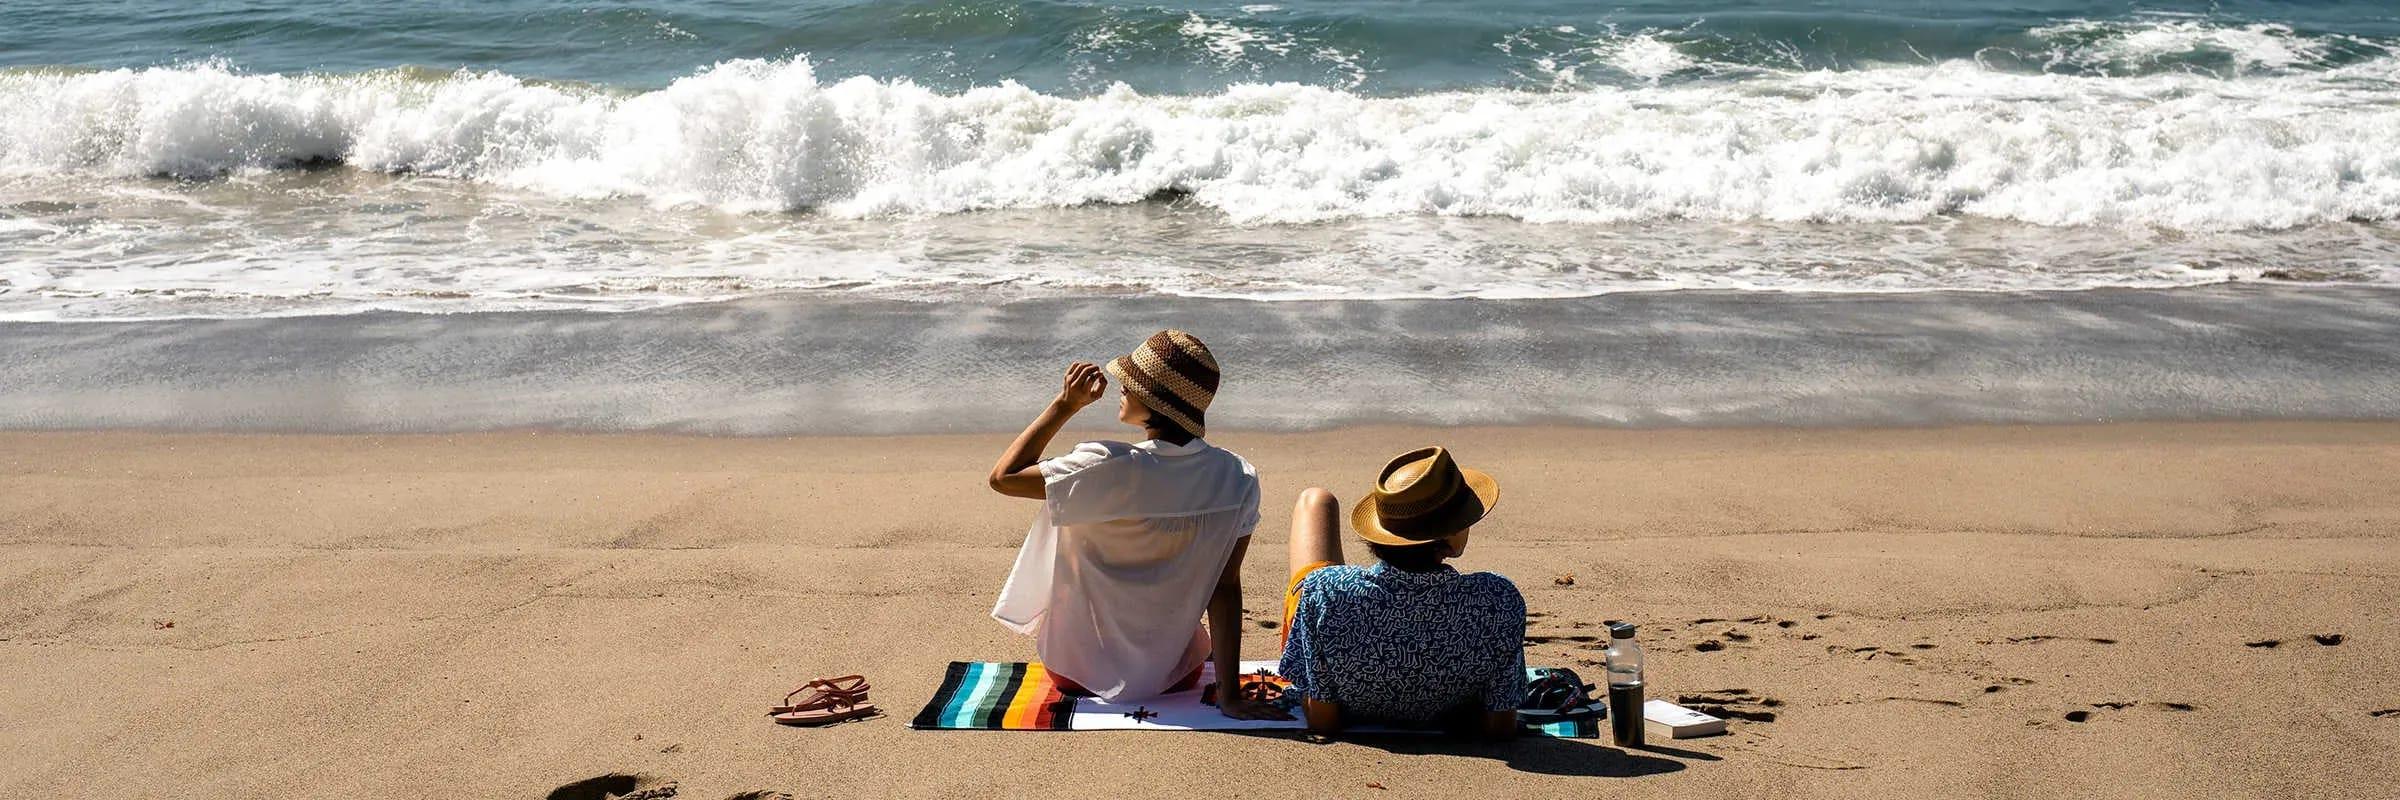 Tout ce dont vous avez besoin pour une journée à la plage